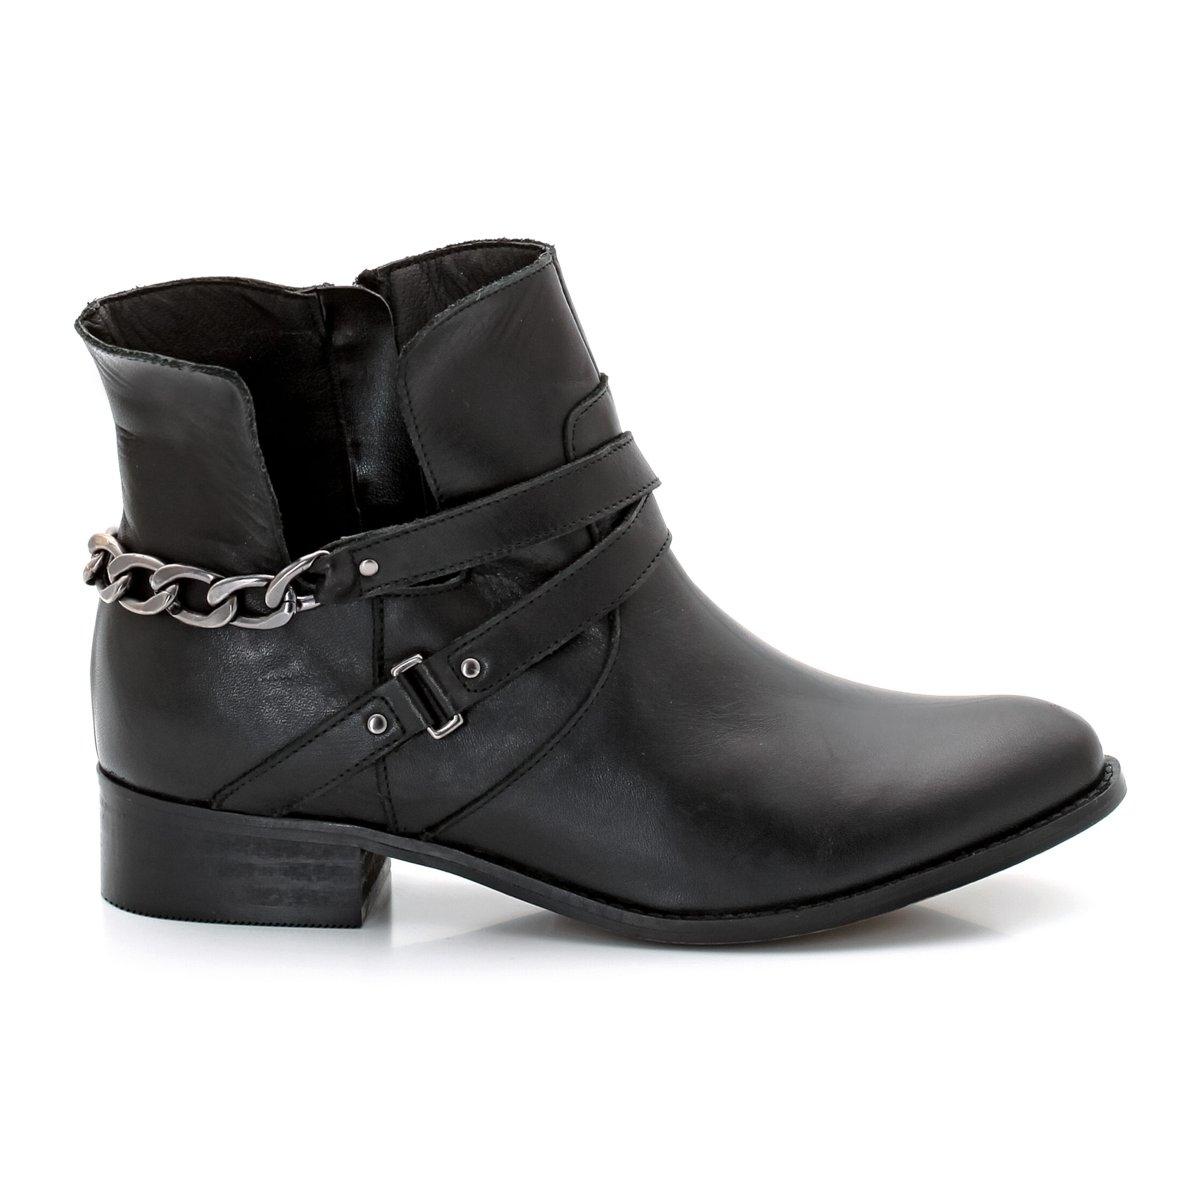 Ботинки кожаныеПодошва: эластомер. Высота каблука:  2.5 см. Застежка:  молния сбоку. Их +: застежка сбоку и ремешки и цепочки сзади.<br><br>Цвет: черный<br>Размер: 38.41